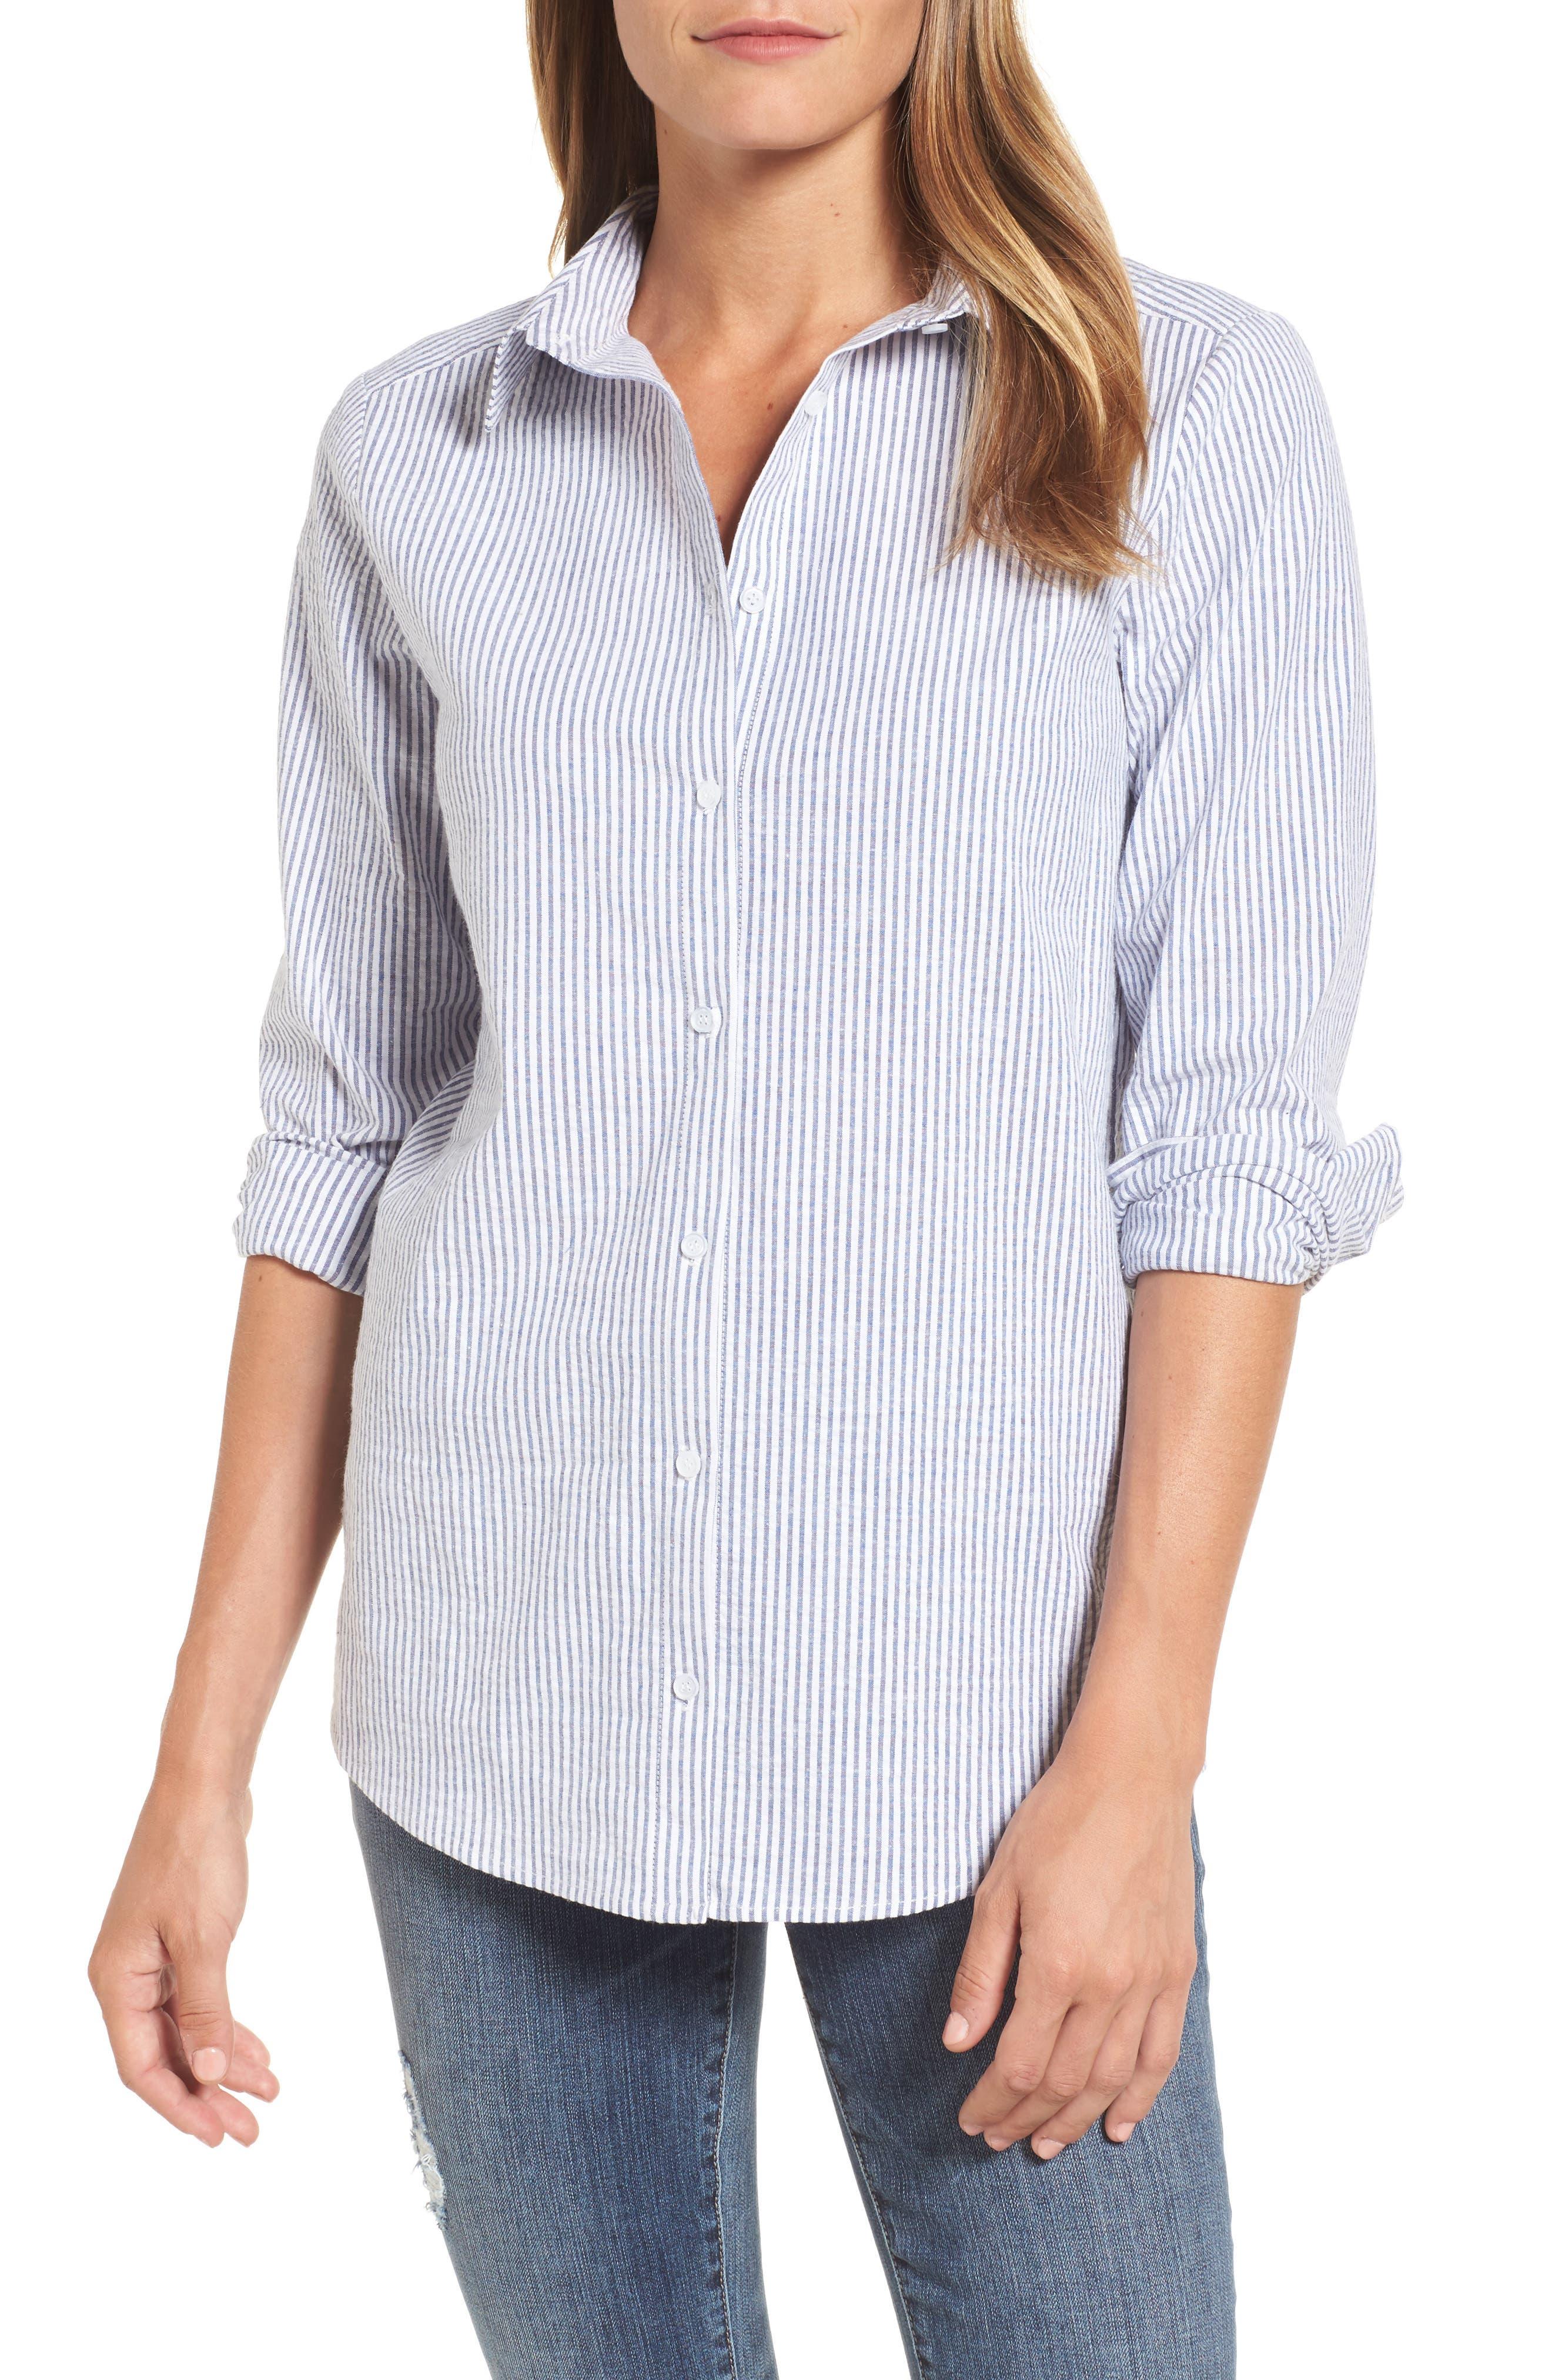 Caslon Button Front Shirt,                         Main,                         color, Blue- White Seersucker